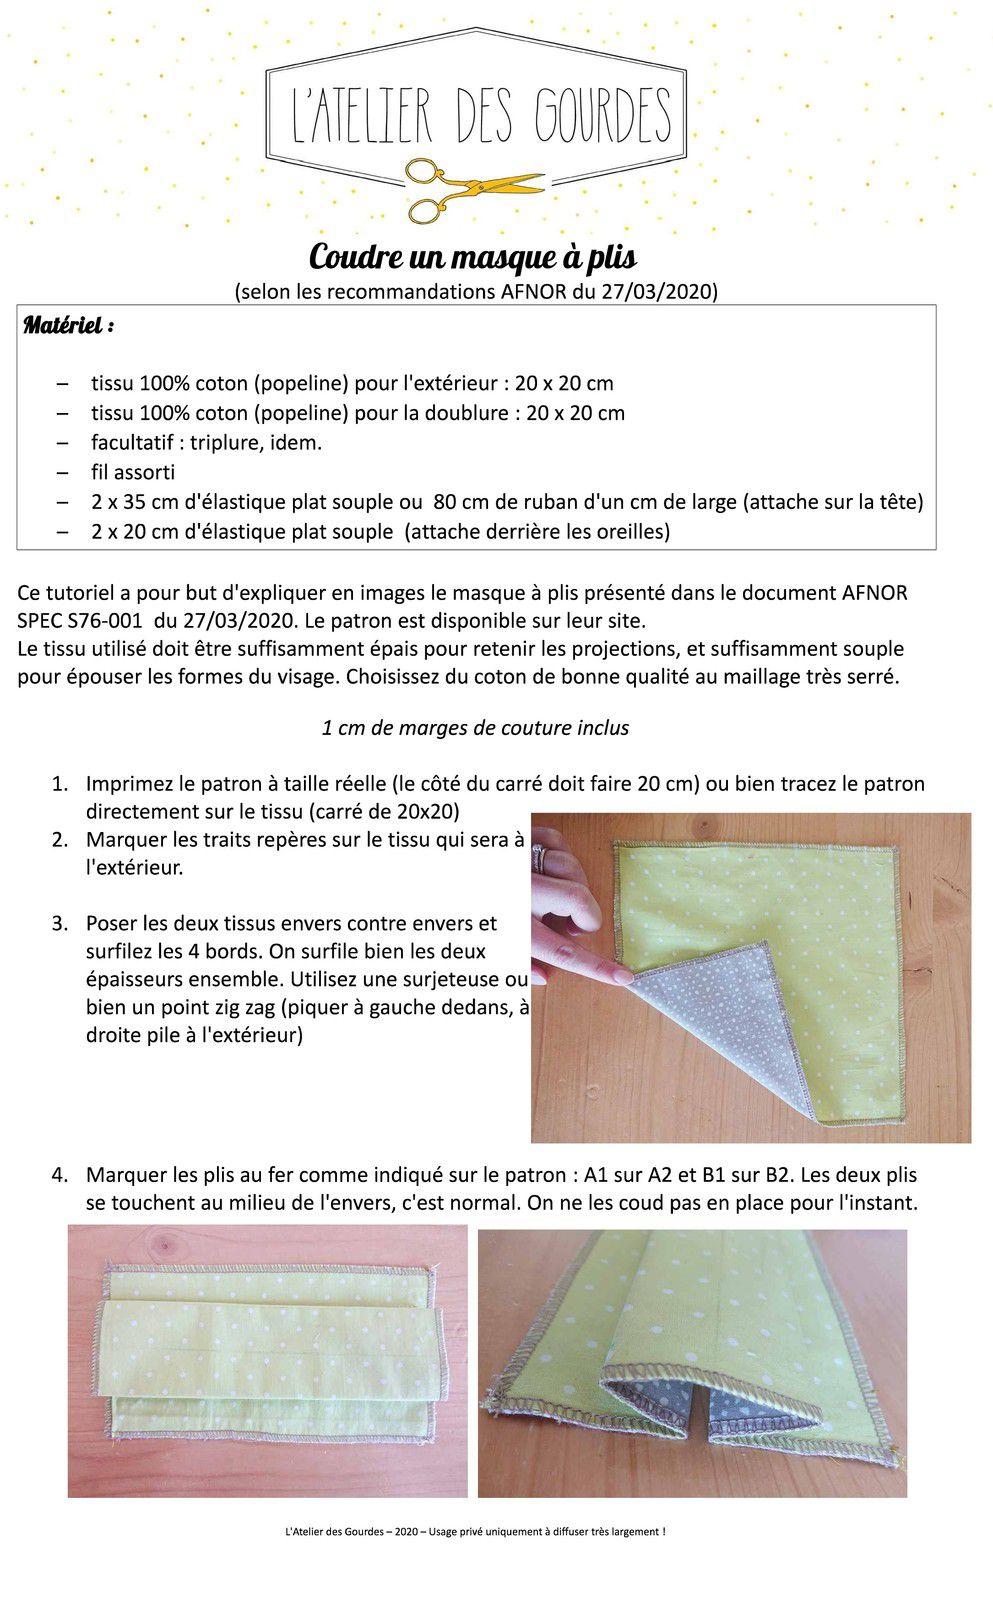 Tuto video gratuit pour coudre pas à pas un masque à plis en tissu selon le guide édité par L'AFNOR